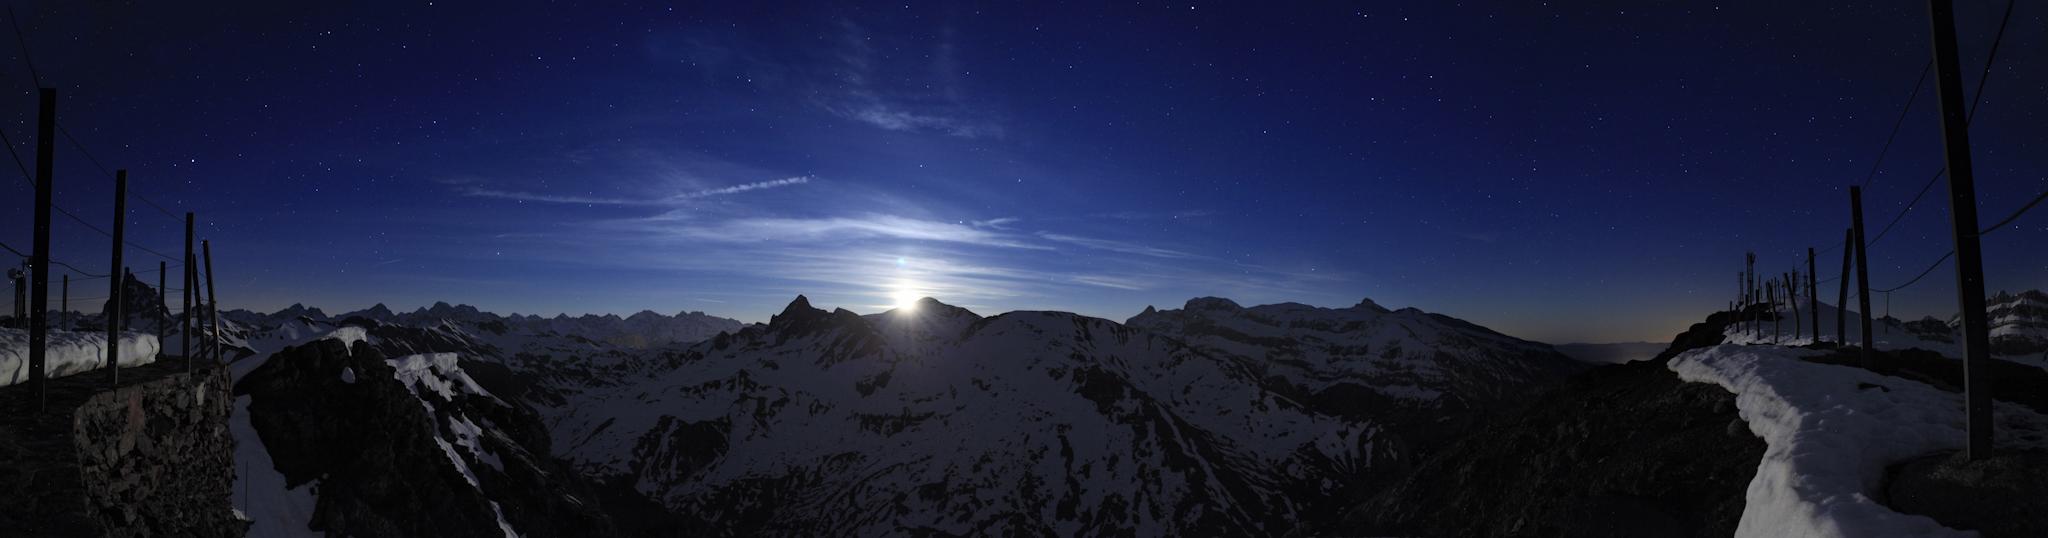 Panoramica desde La Raca - Astún - Fotos del Valle del Aragón, Mikel Besga